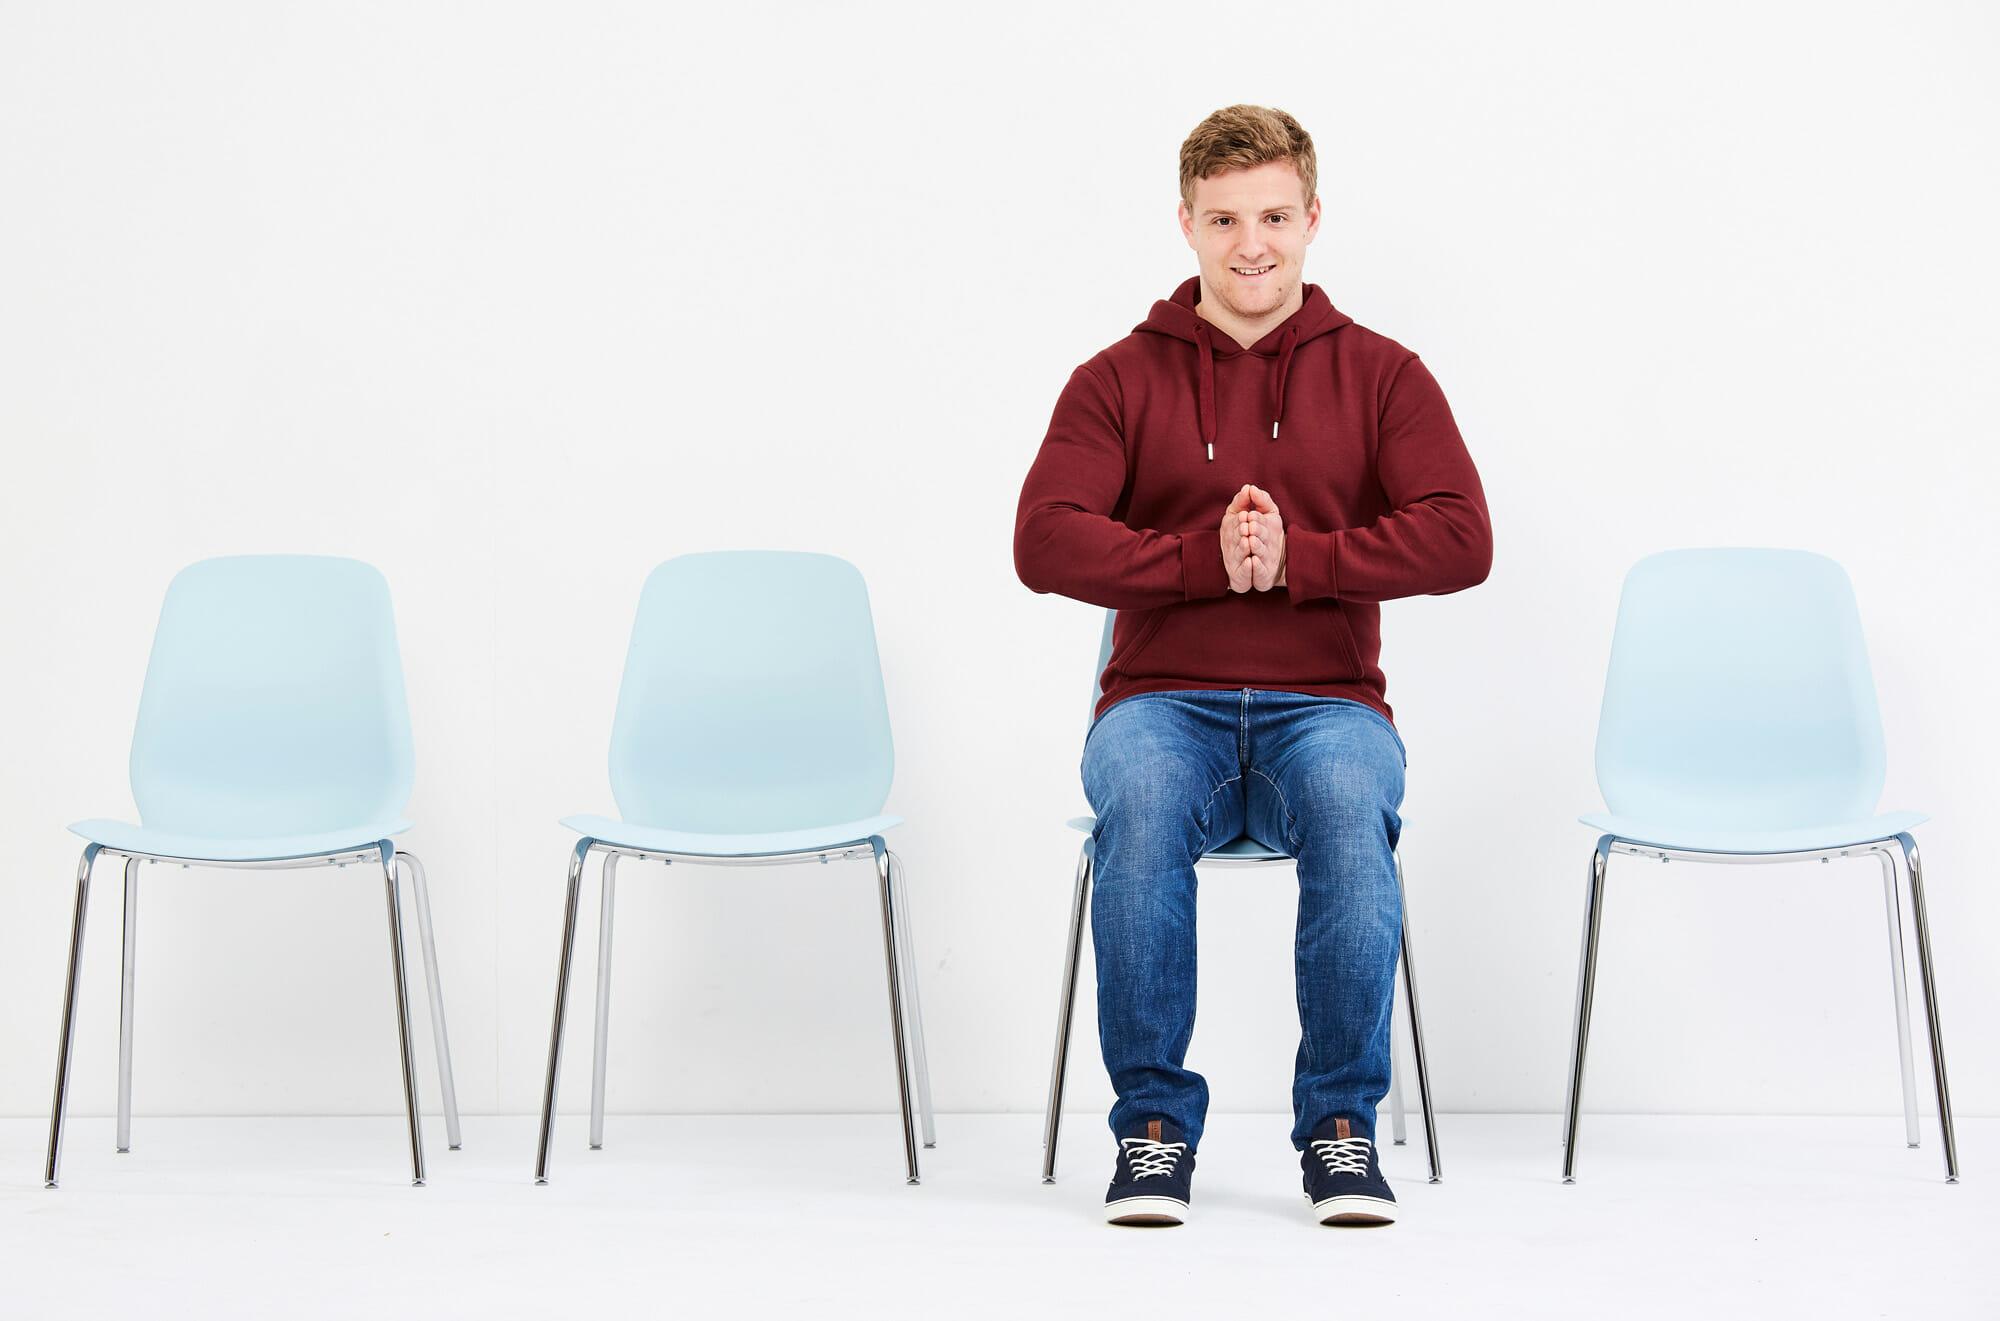 Zeit im Wartezimmer für Training nutzen